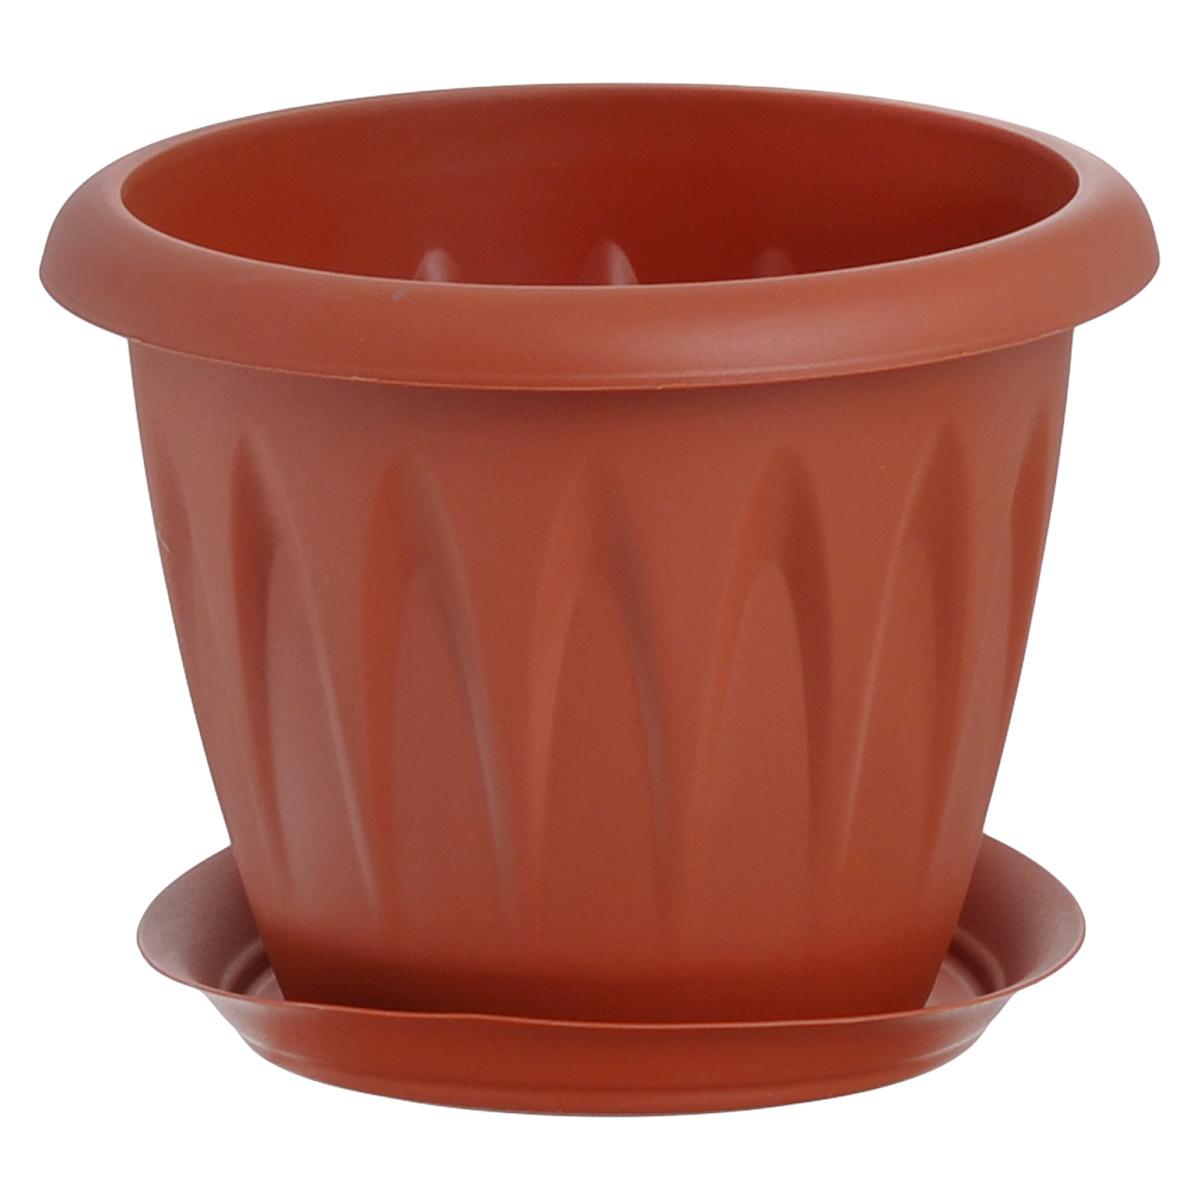 Кашпо Idea Алиция, с поддоном, 2 лPANTERA SPX-2RSКашпо Idea Алиция изготовлено из прочного полипропилена (пластика) и предназначено для выращивания растений, цветов и трав в домашних условиях. Круглый поддон обеспечивает сток воды. Такое кашпо порадует вас функциональностью, а благодаря лаконичному дизайну впишется в любой интерьер помещения. Диаметр кашпо по верхнему краю: 18 см. Высота кашпо: 14 см. Диаметр поддона: 13 см. Объем кашпо: 2 л.